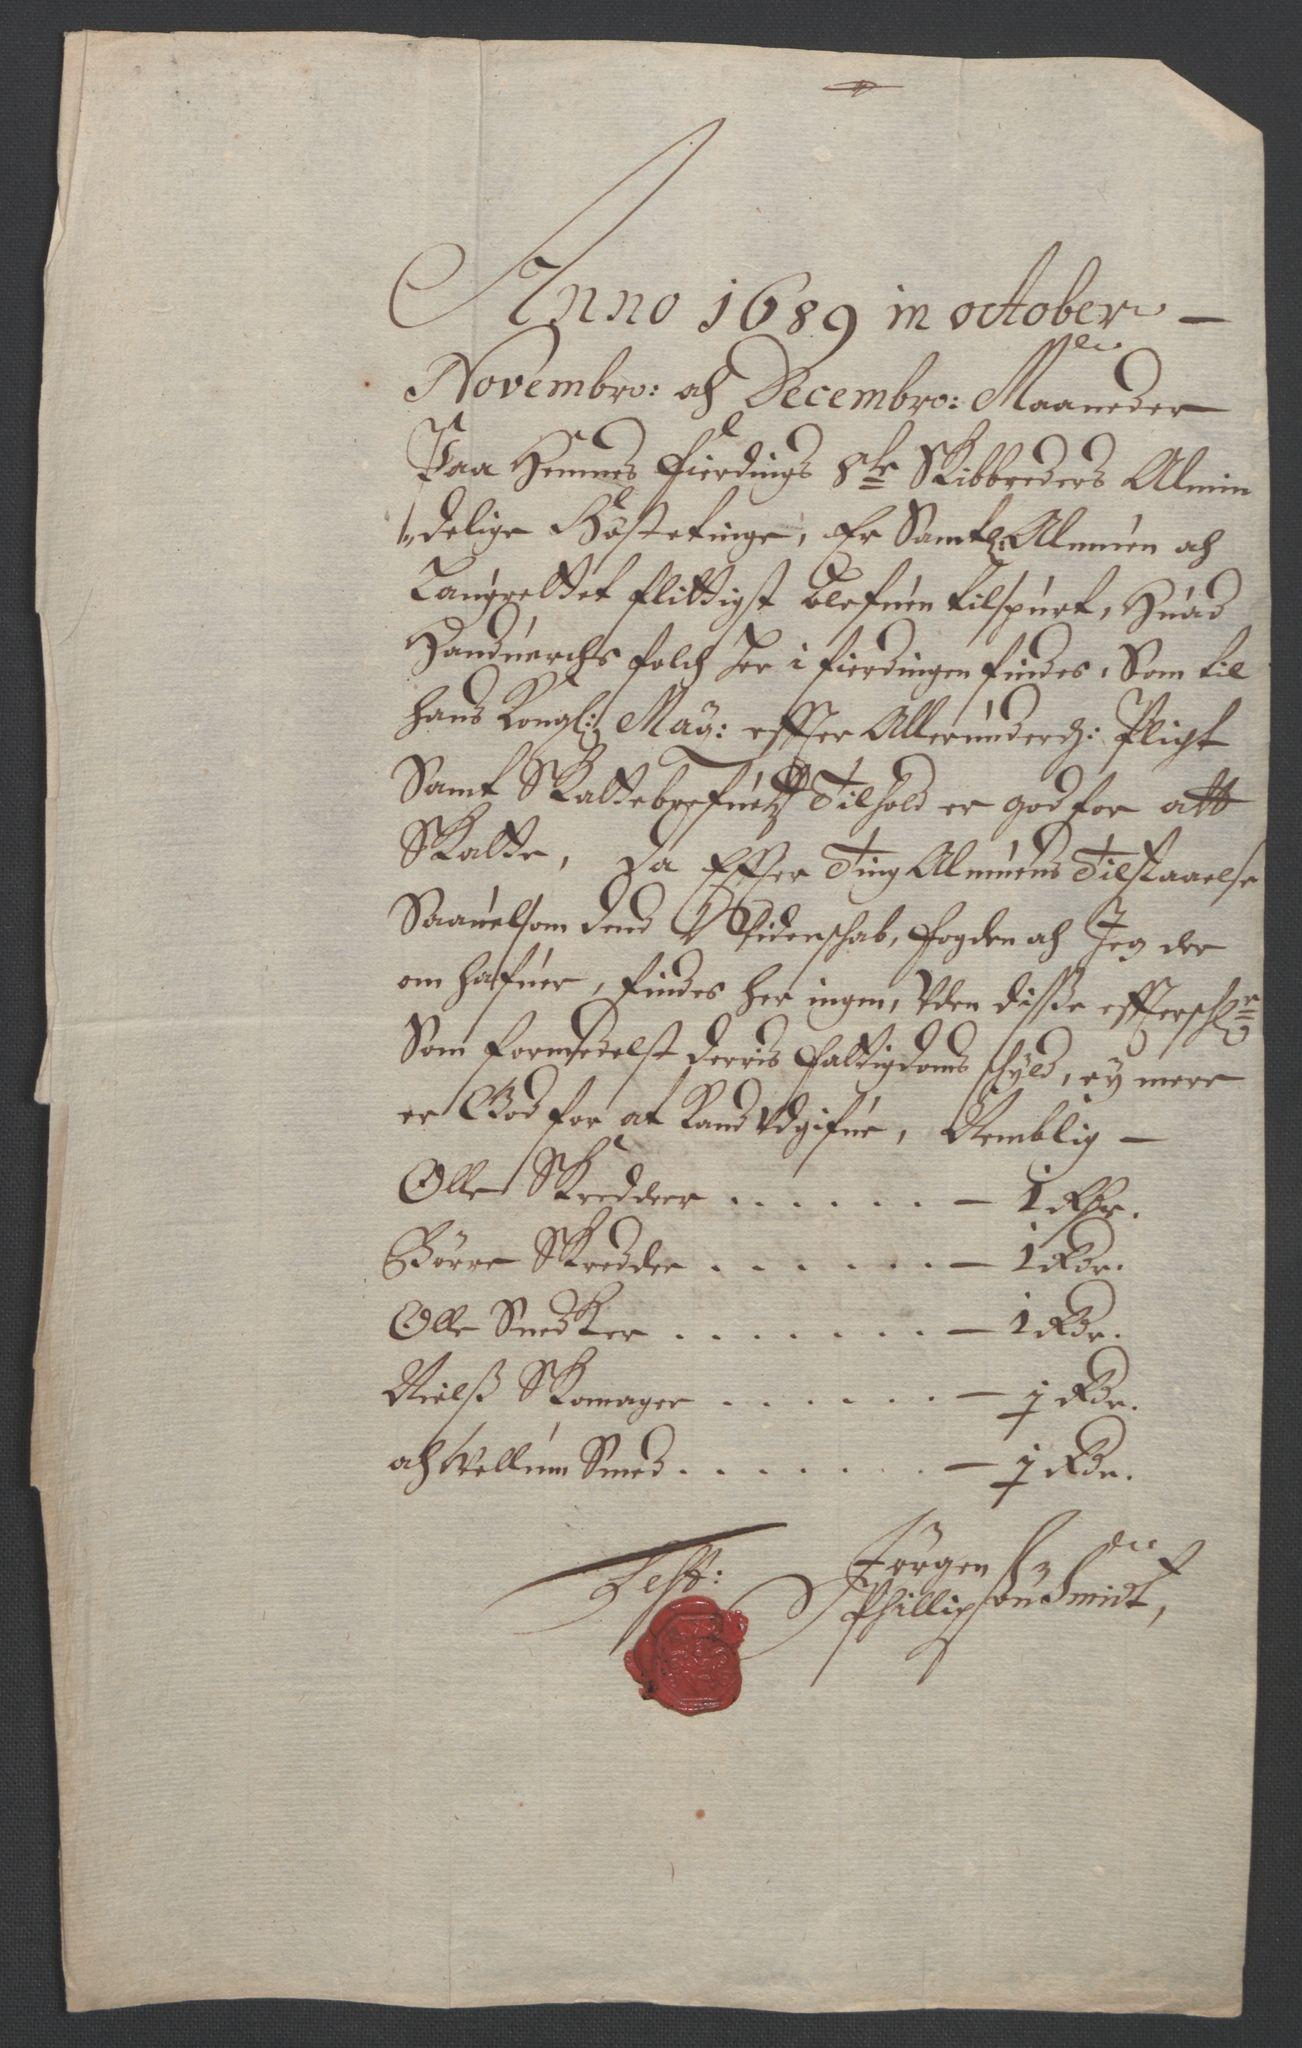 RA, Rentekammeret inntil 1814, Reviderte regnskaper, Fogderegnskap, R47/L2856: Fogderegnskap Ryfylke, 1689-1693, s. 76